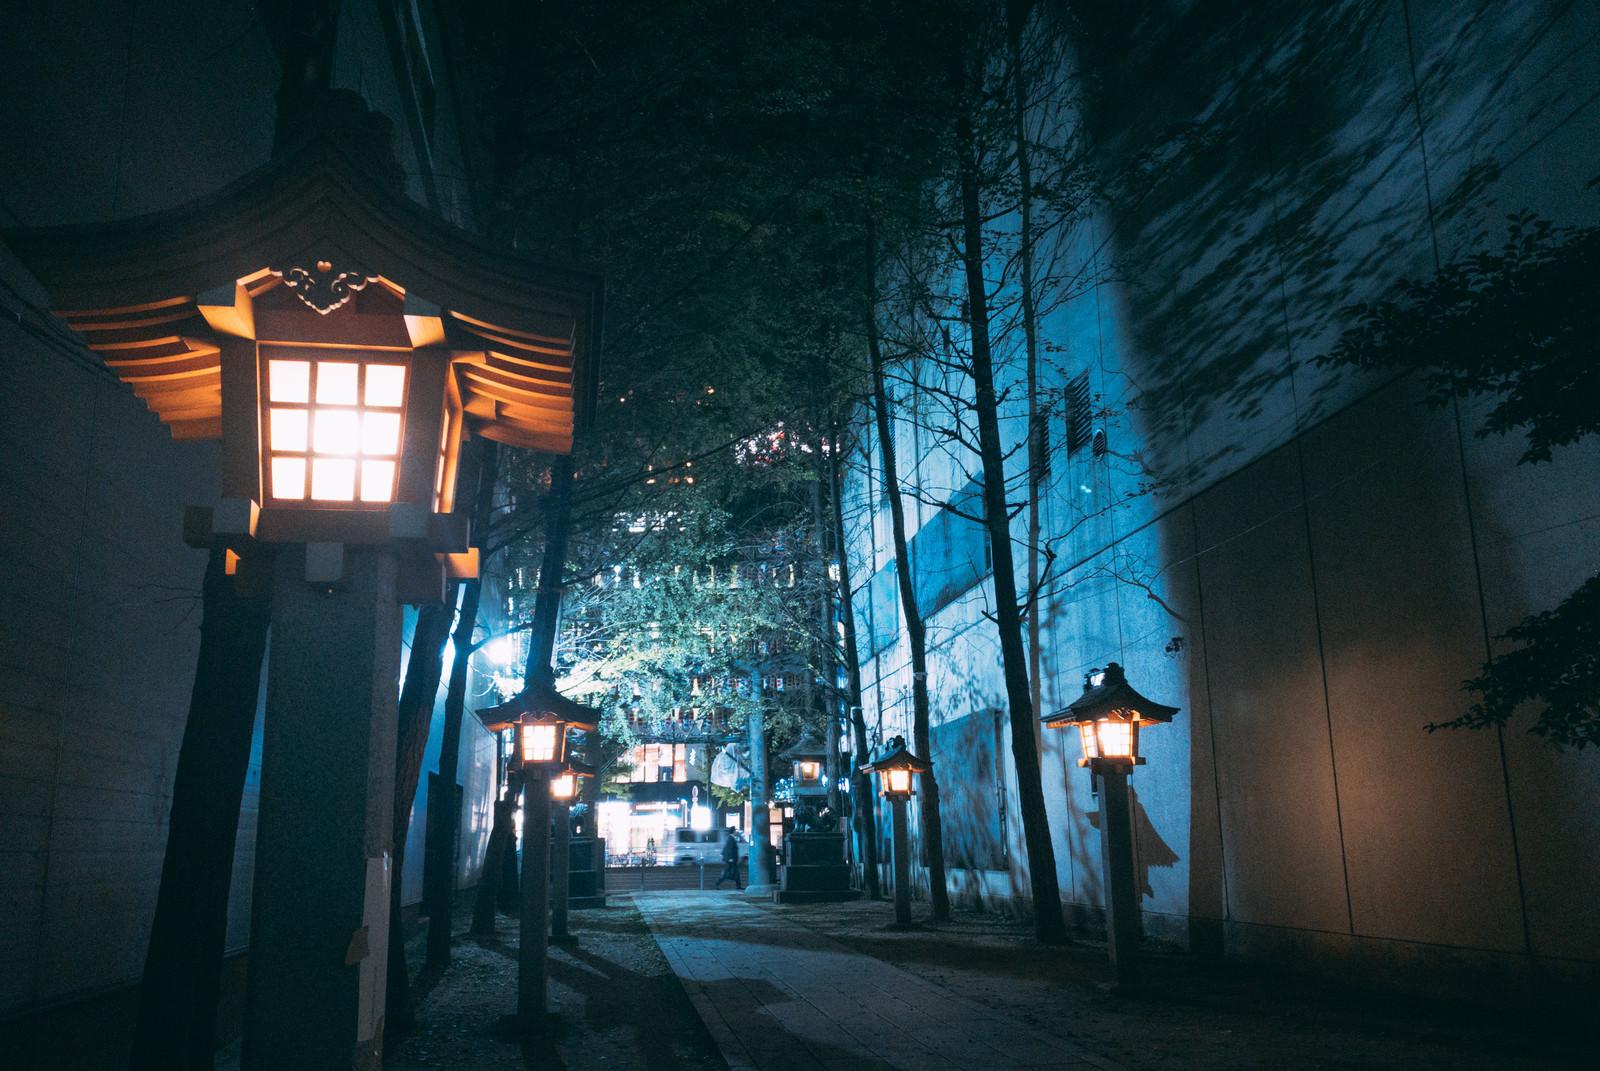 「雑居ビルの間にある新宿花園神社の入り口」の写真